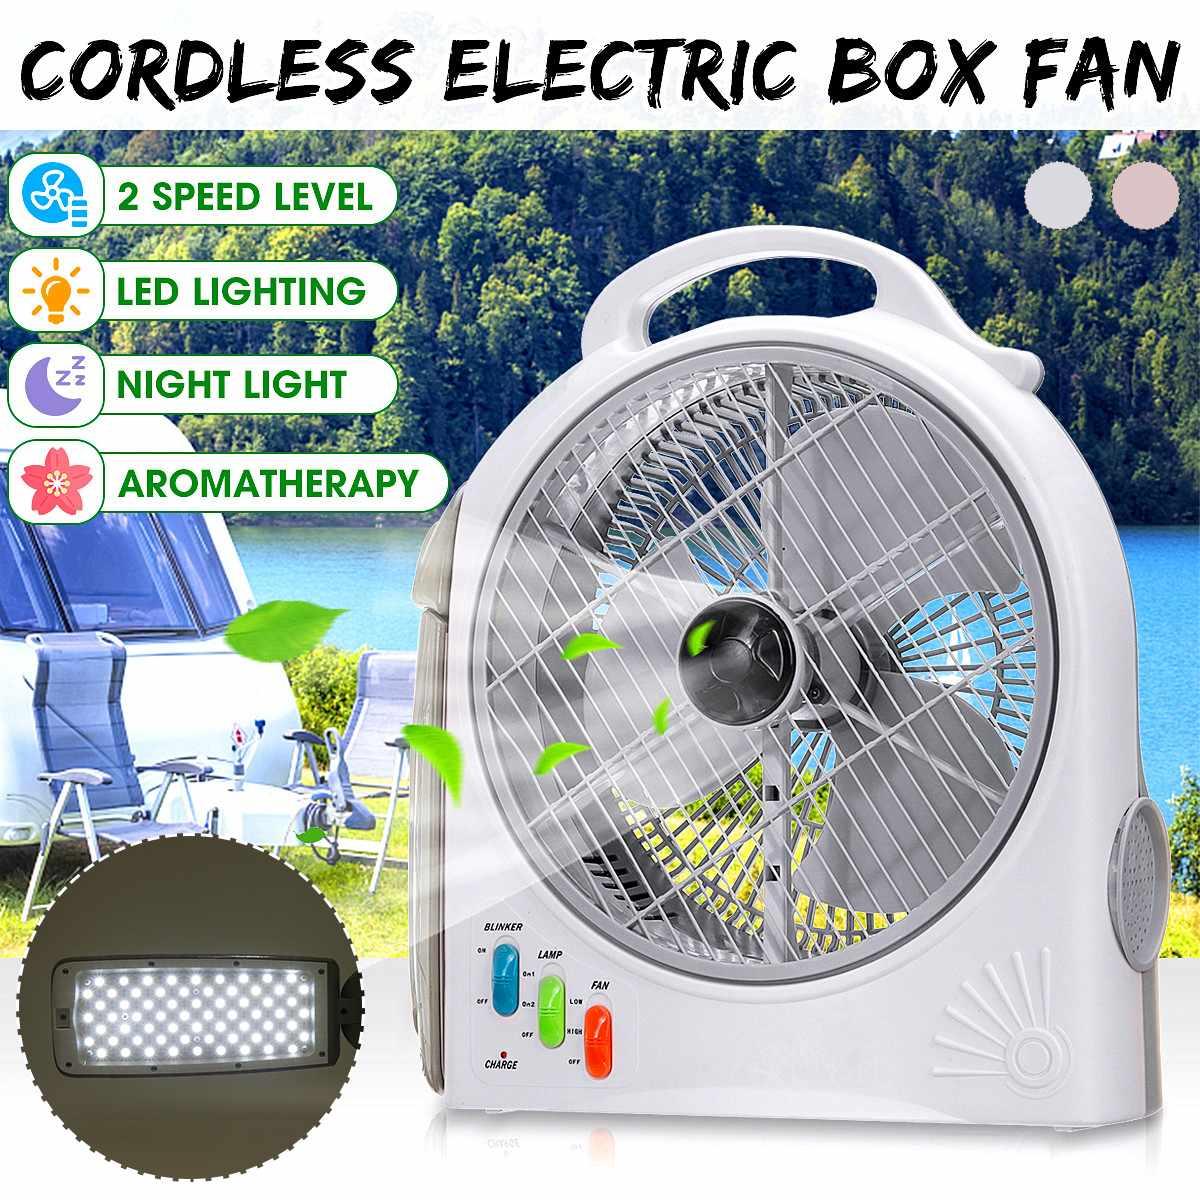 Mini ventilateur électrique Portable 220 V Rechargeable Li-ion batterie ordinateurs de bureau multifonctionnel extérieur Camping lumière LED refroidisseur d'air ventilateur